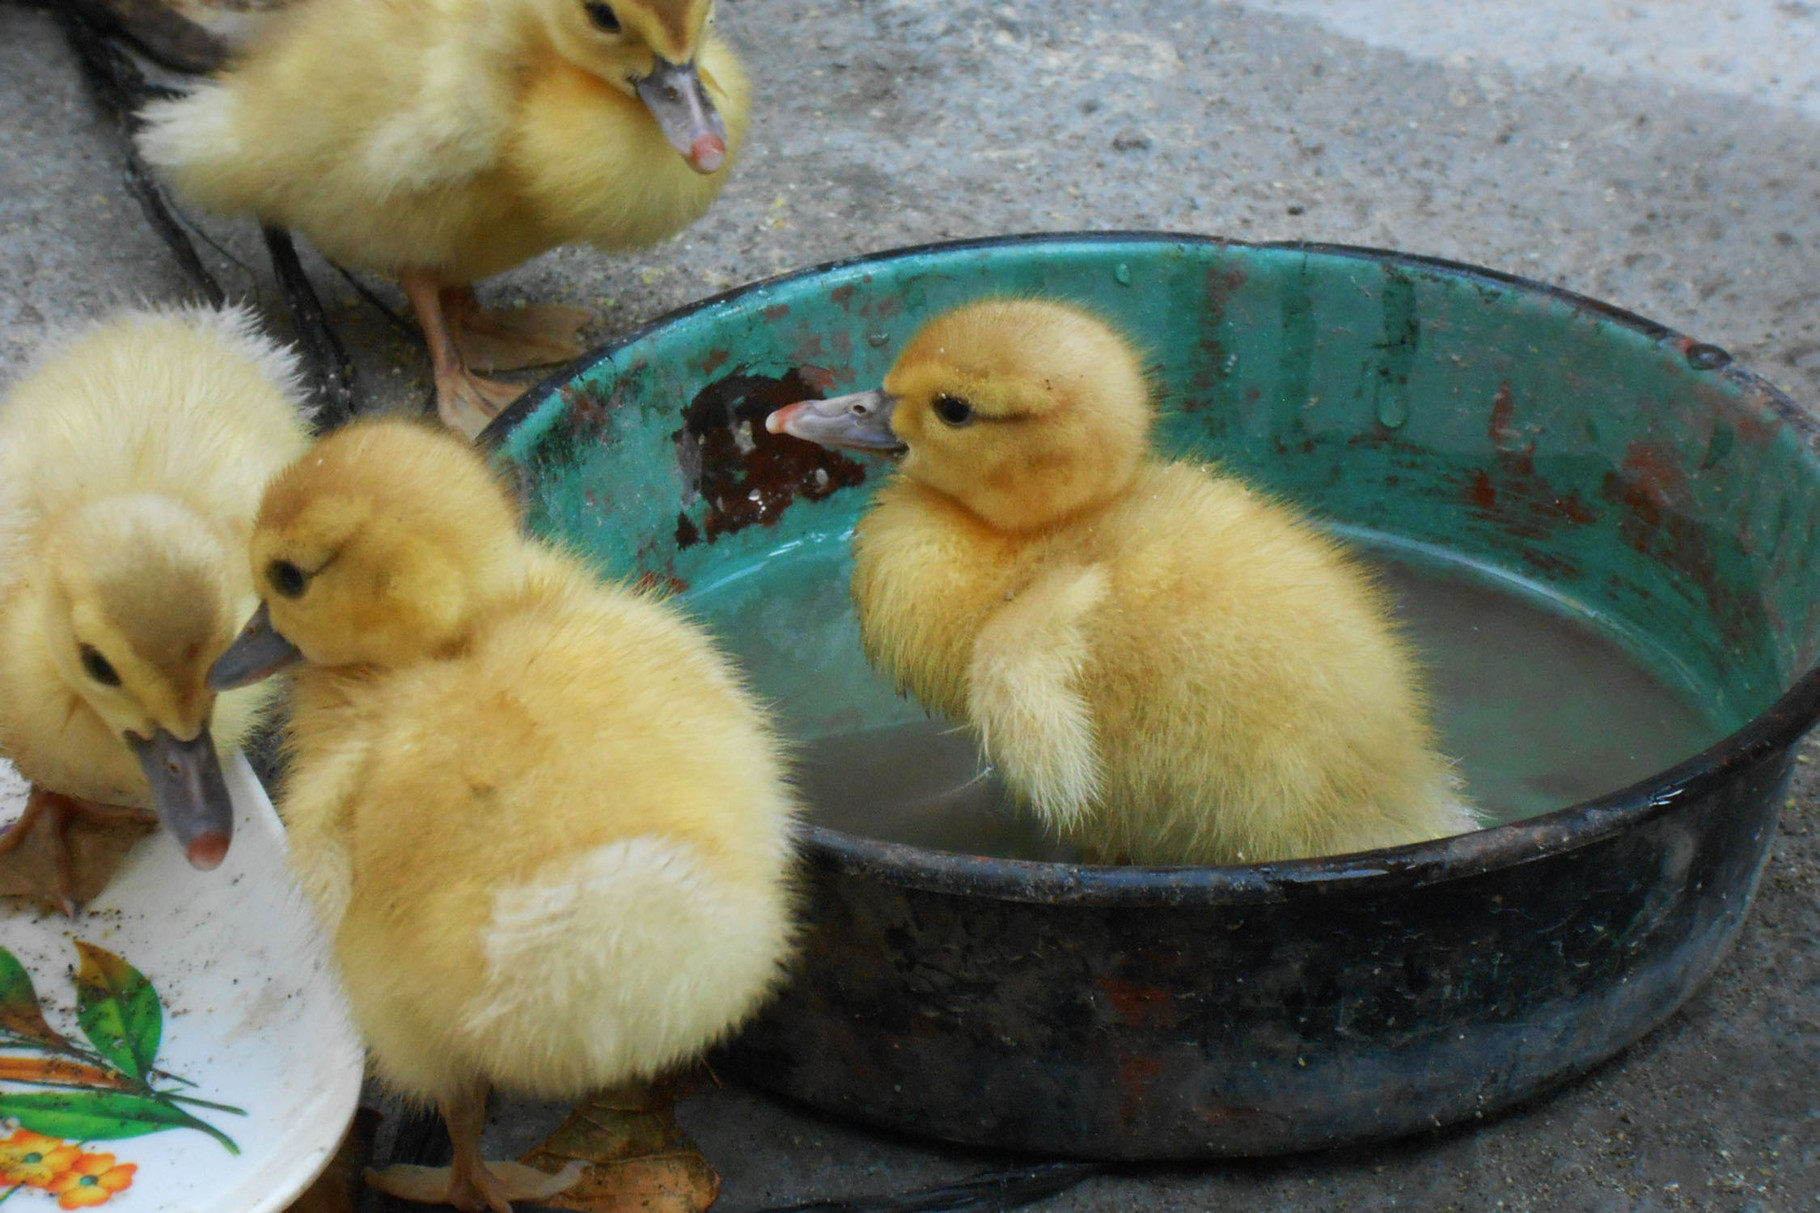 Baby Ente - alle Vegetarier nicht weiterlesen....die sind natürlich zum Essen / verkaufen